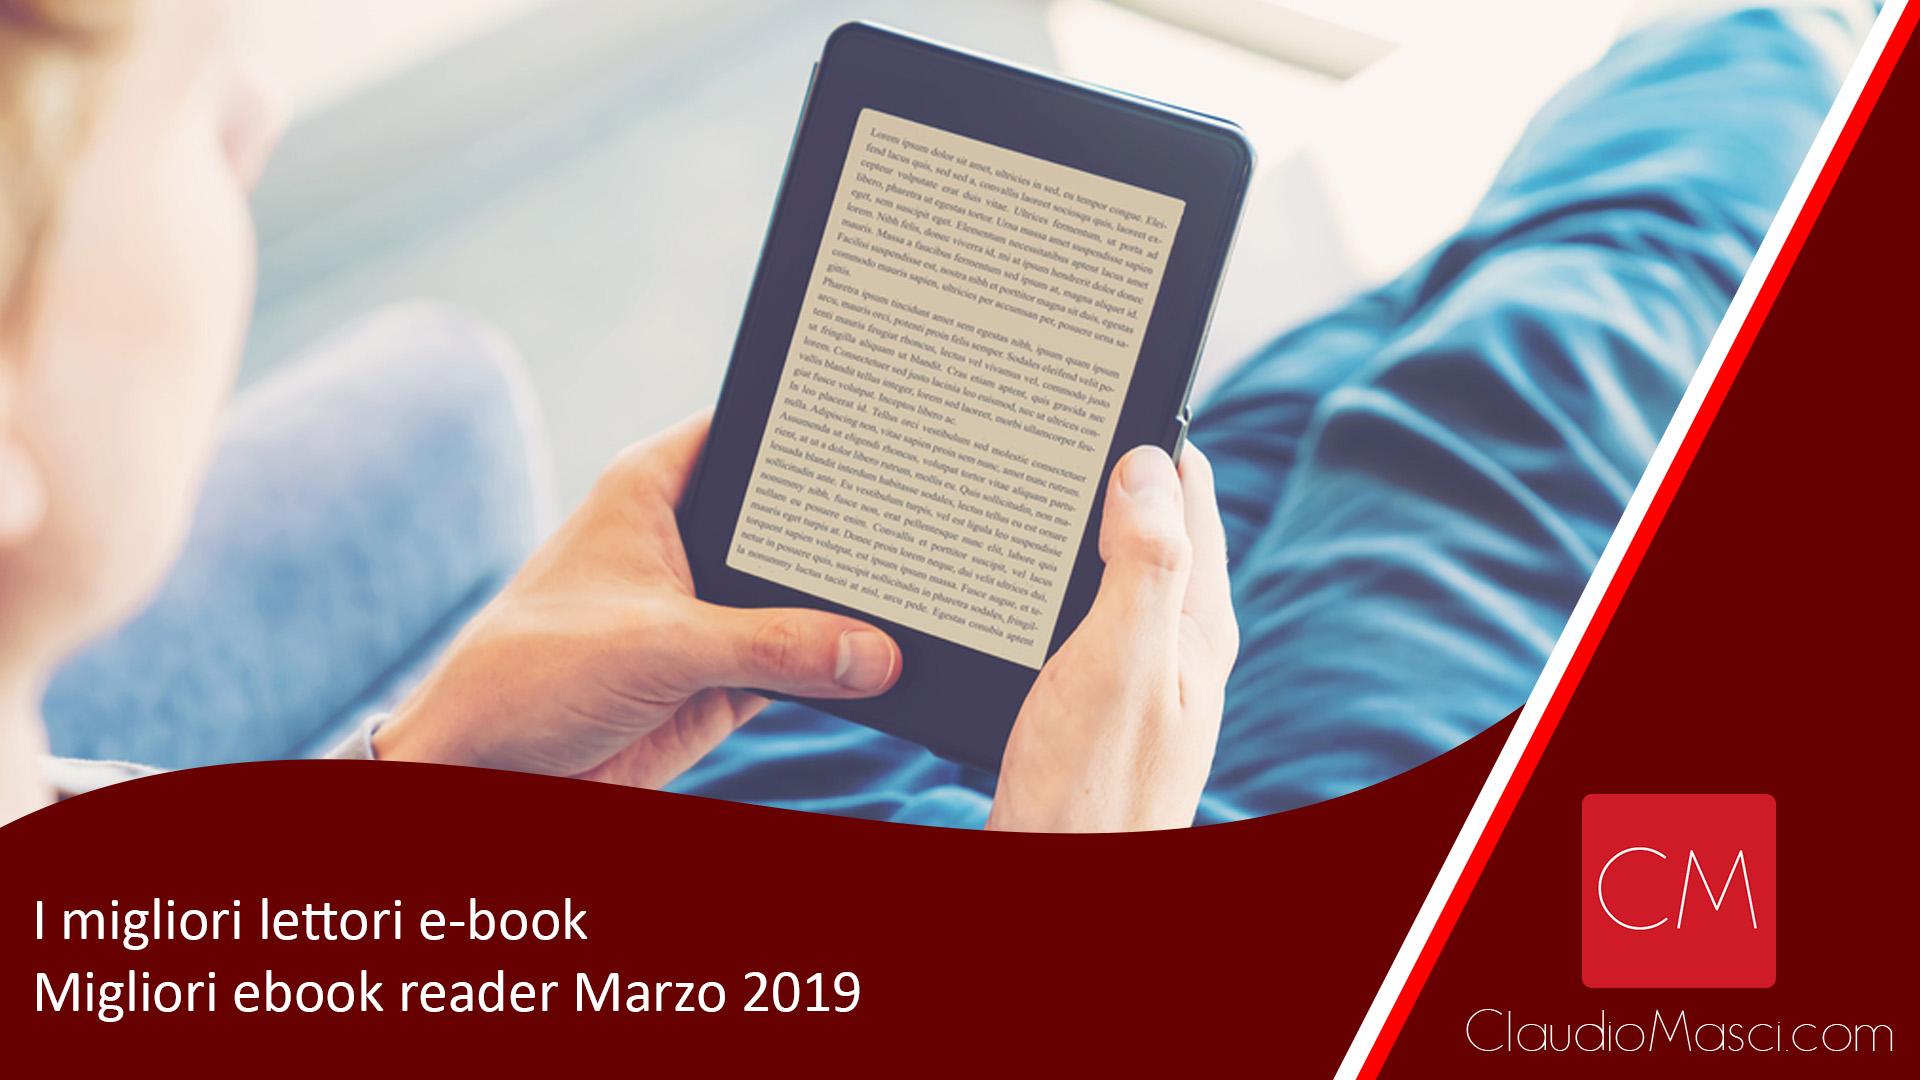 I migliori lettori e-book   Migliori ebook reader Marzo 2019